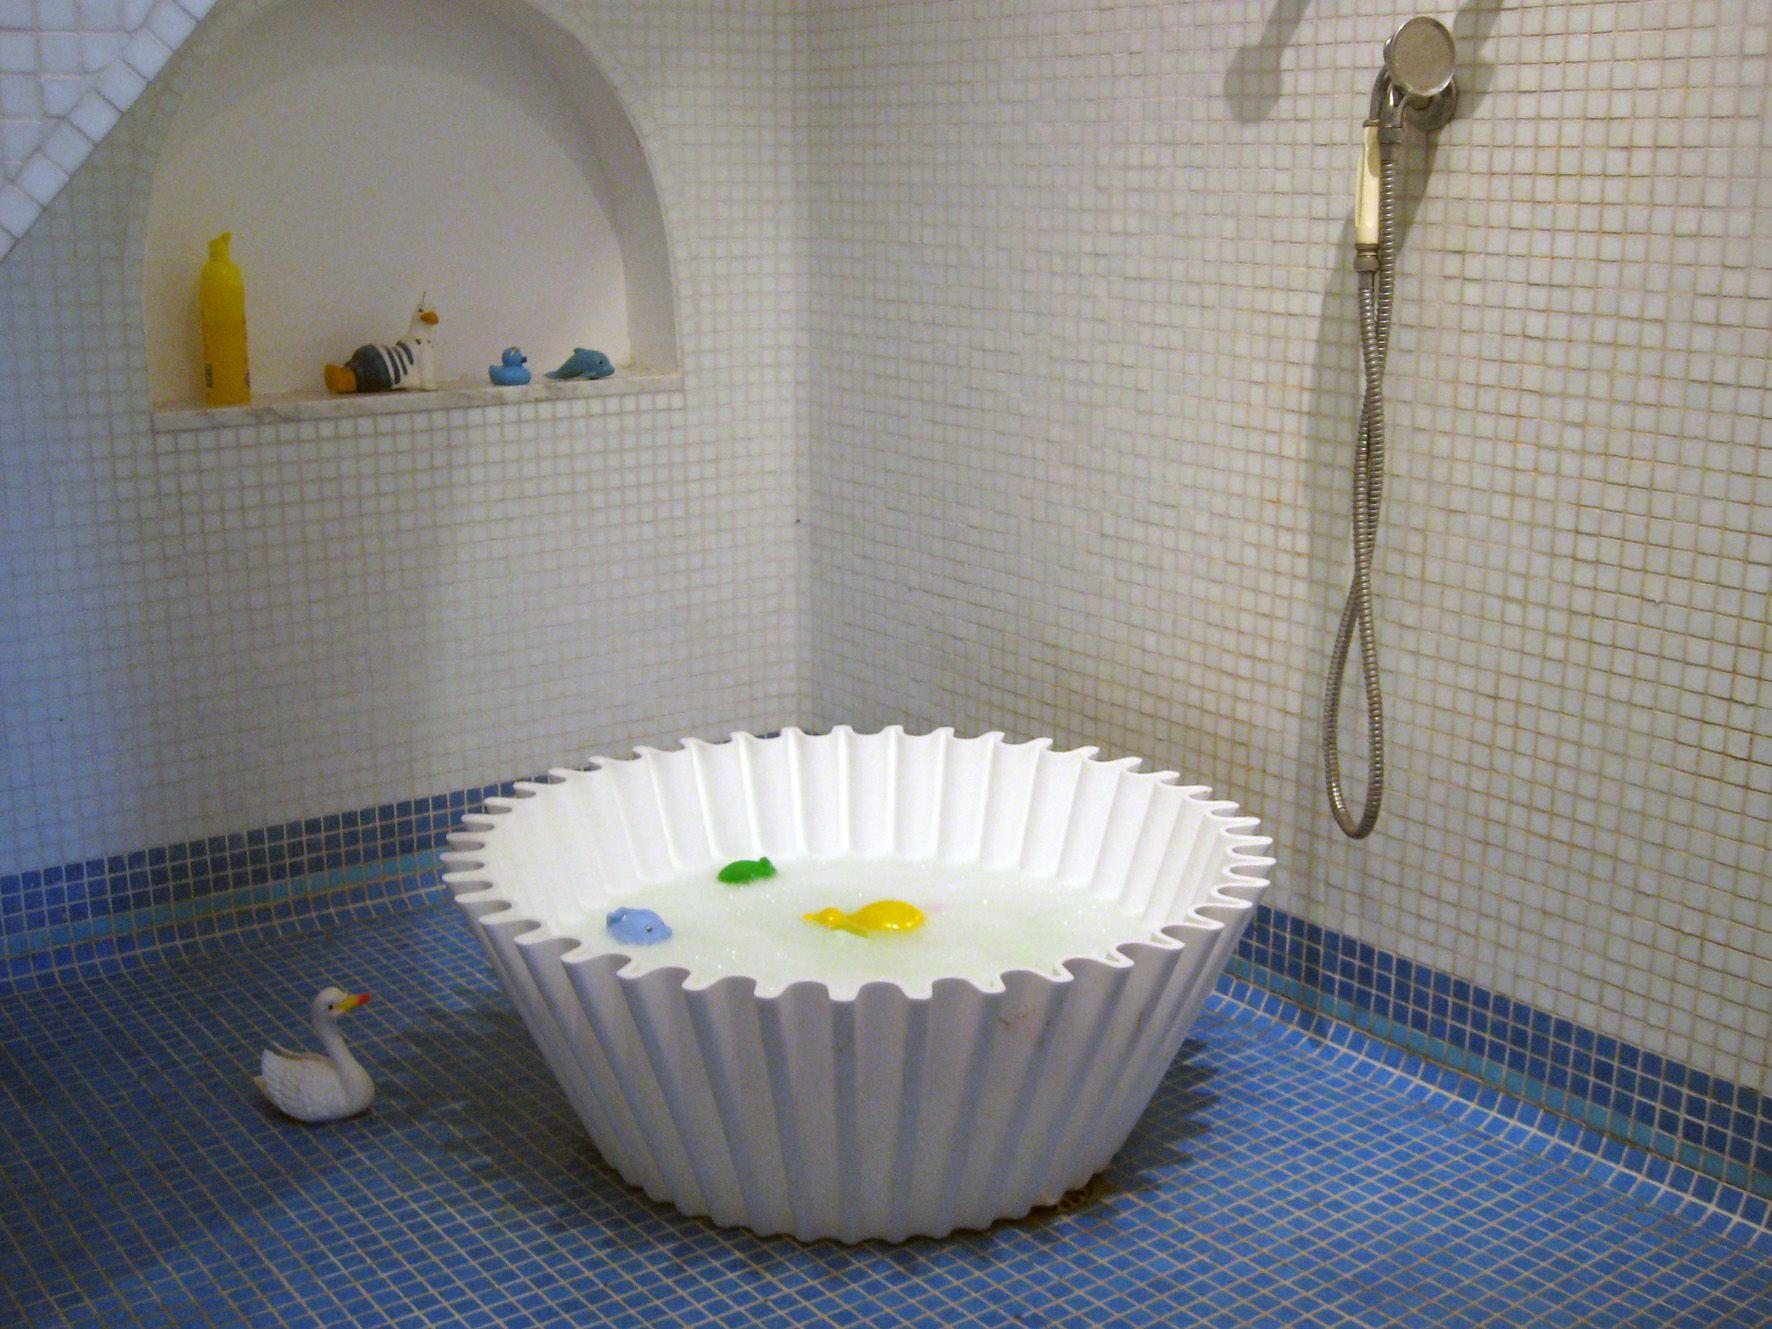 High-backed bath | Pinterest | Shared bathroom and Bath